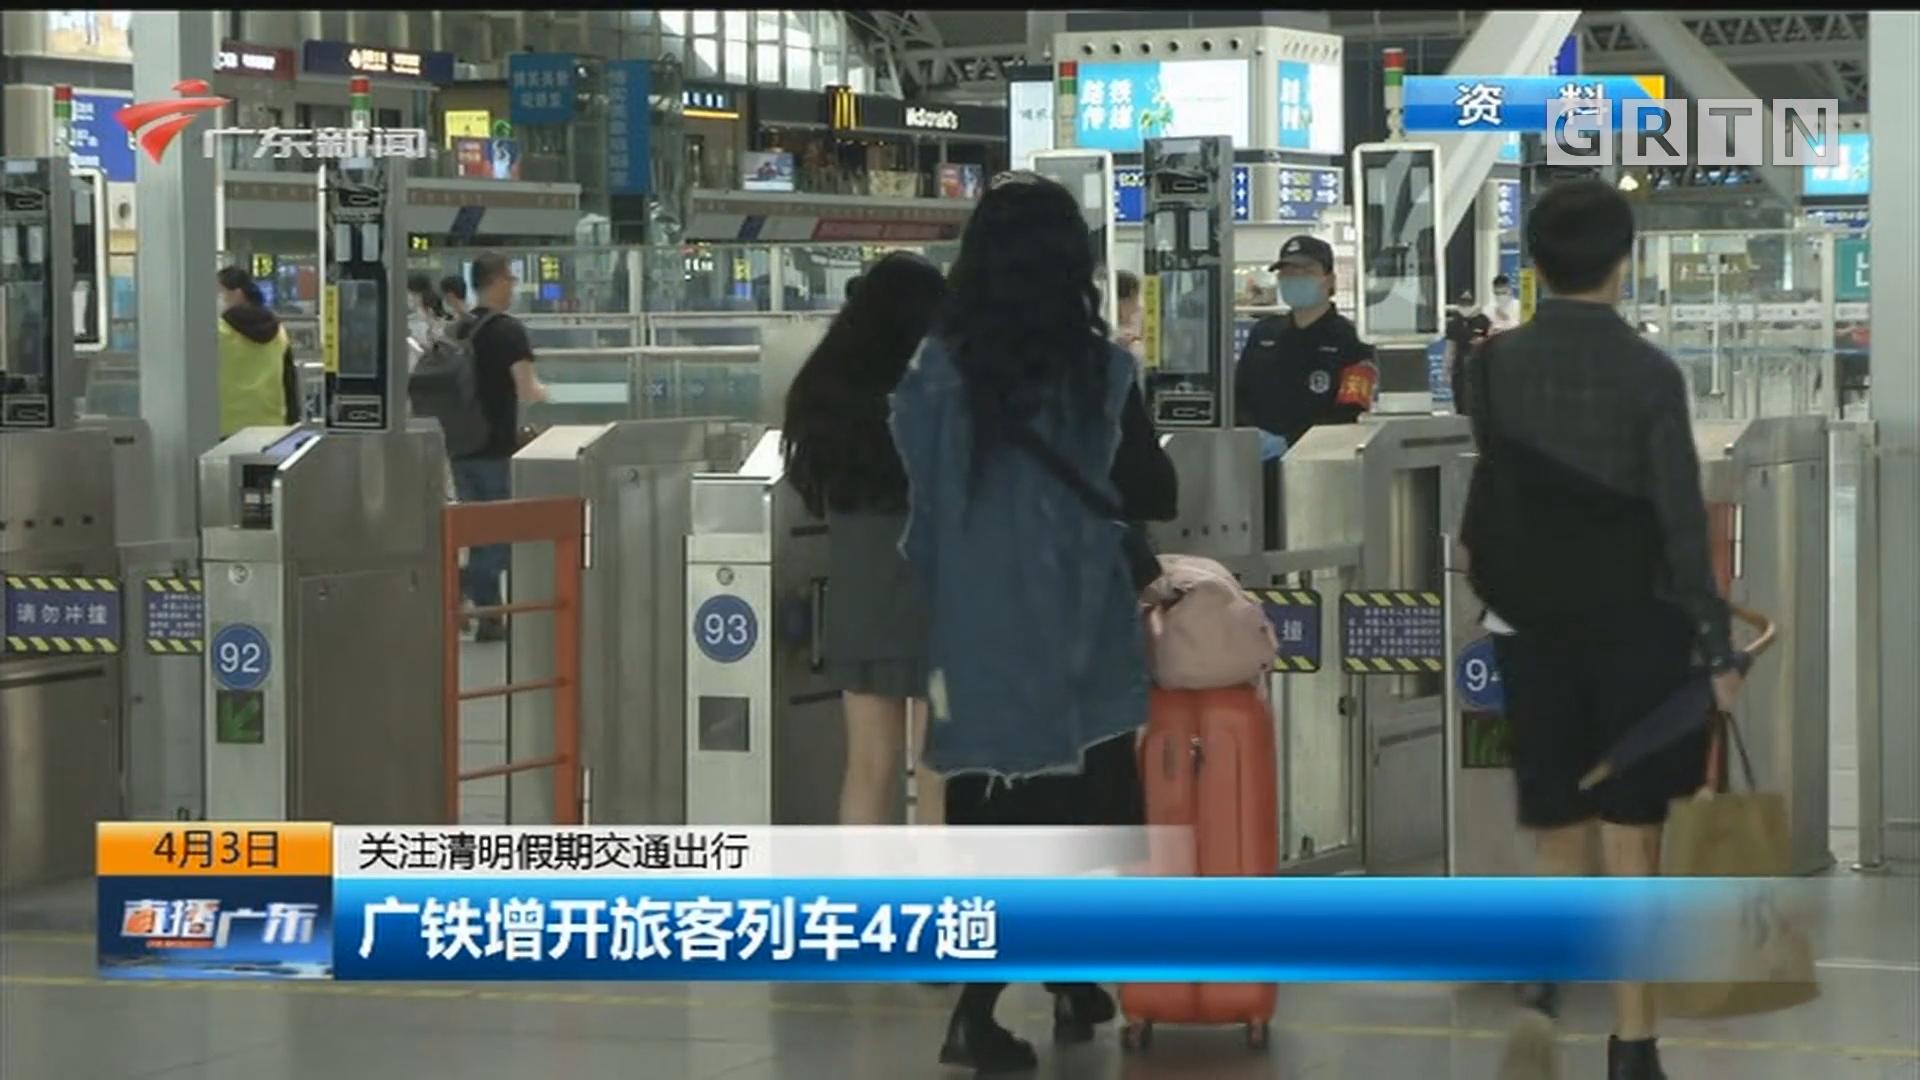 关注清明假期交通出行 广铁增开旅客列车47趟